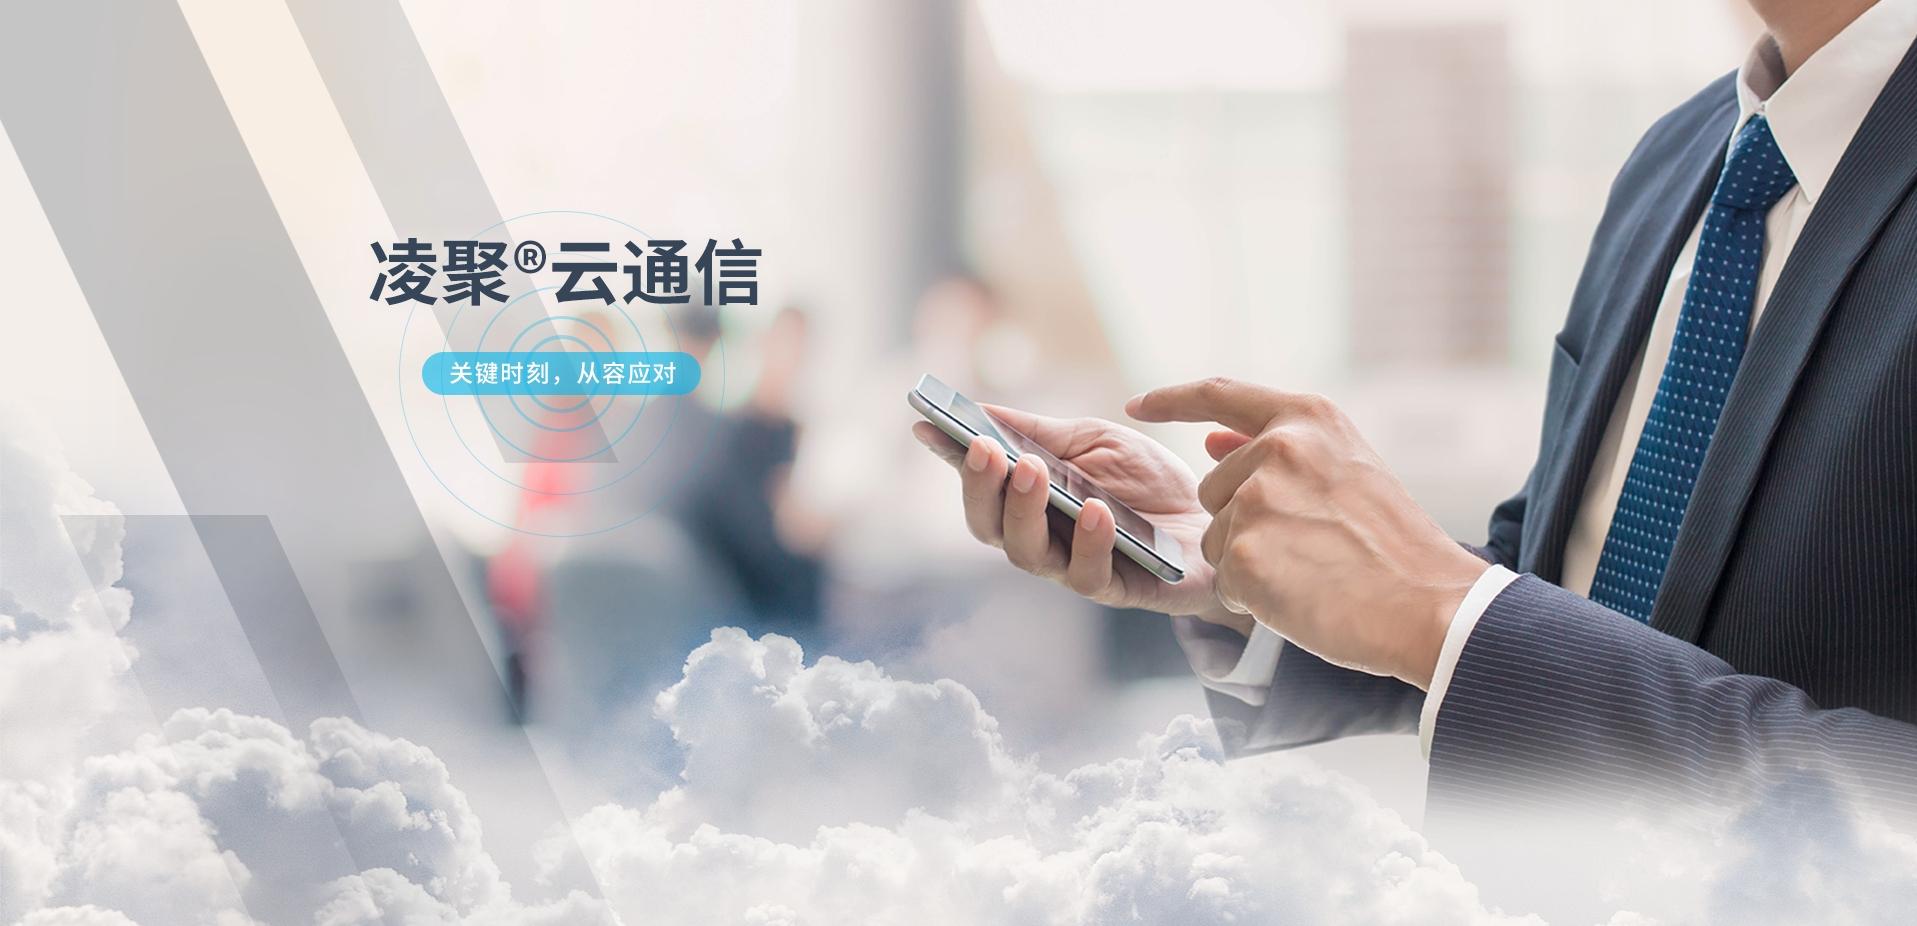 南凌科技凌聚云通信,部署靈活的云通信平臺